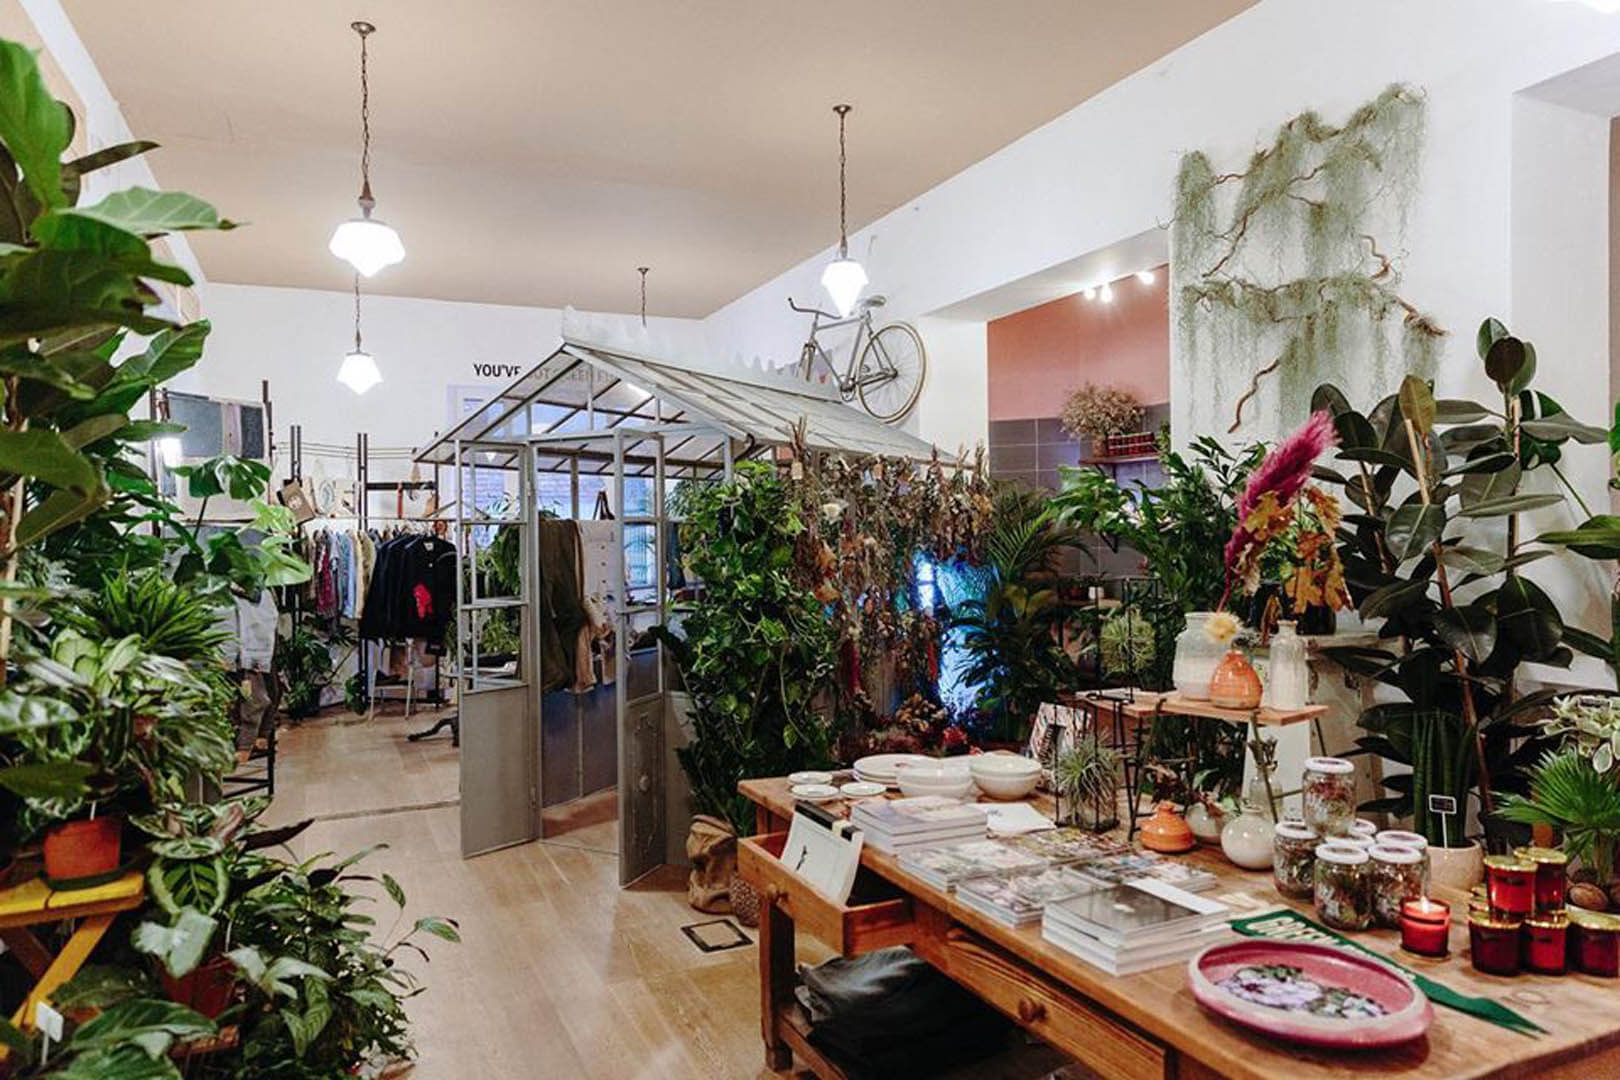 Le migliori idee regalo per la Festa della Donna GreenFingersMarket I MIGLIORI NEGOZI DI PIANTE A MILANO